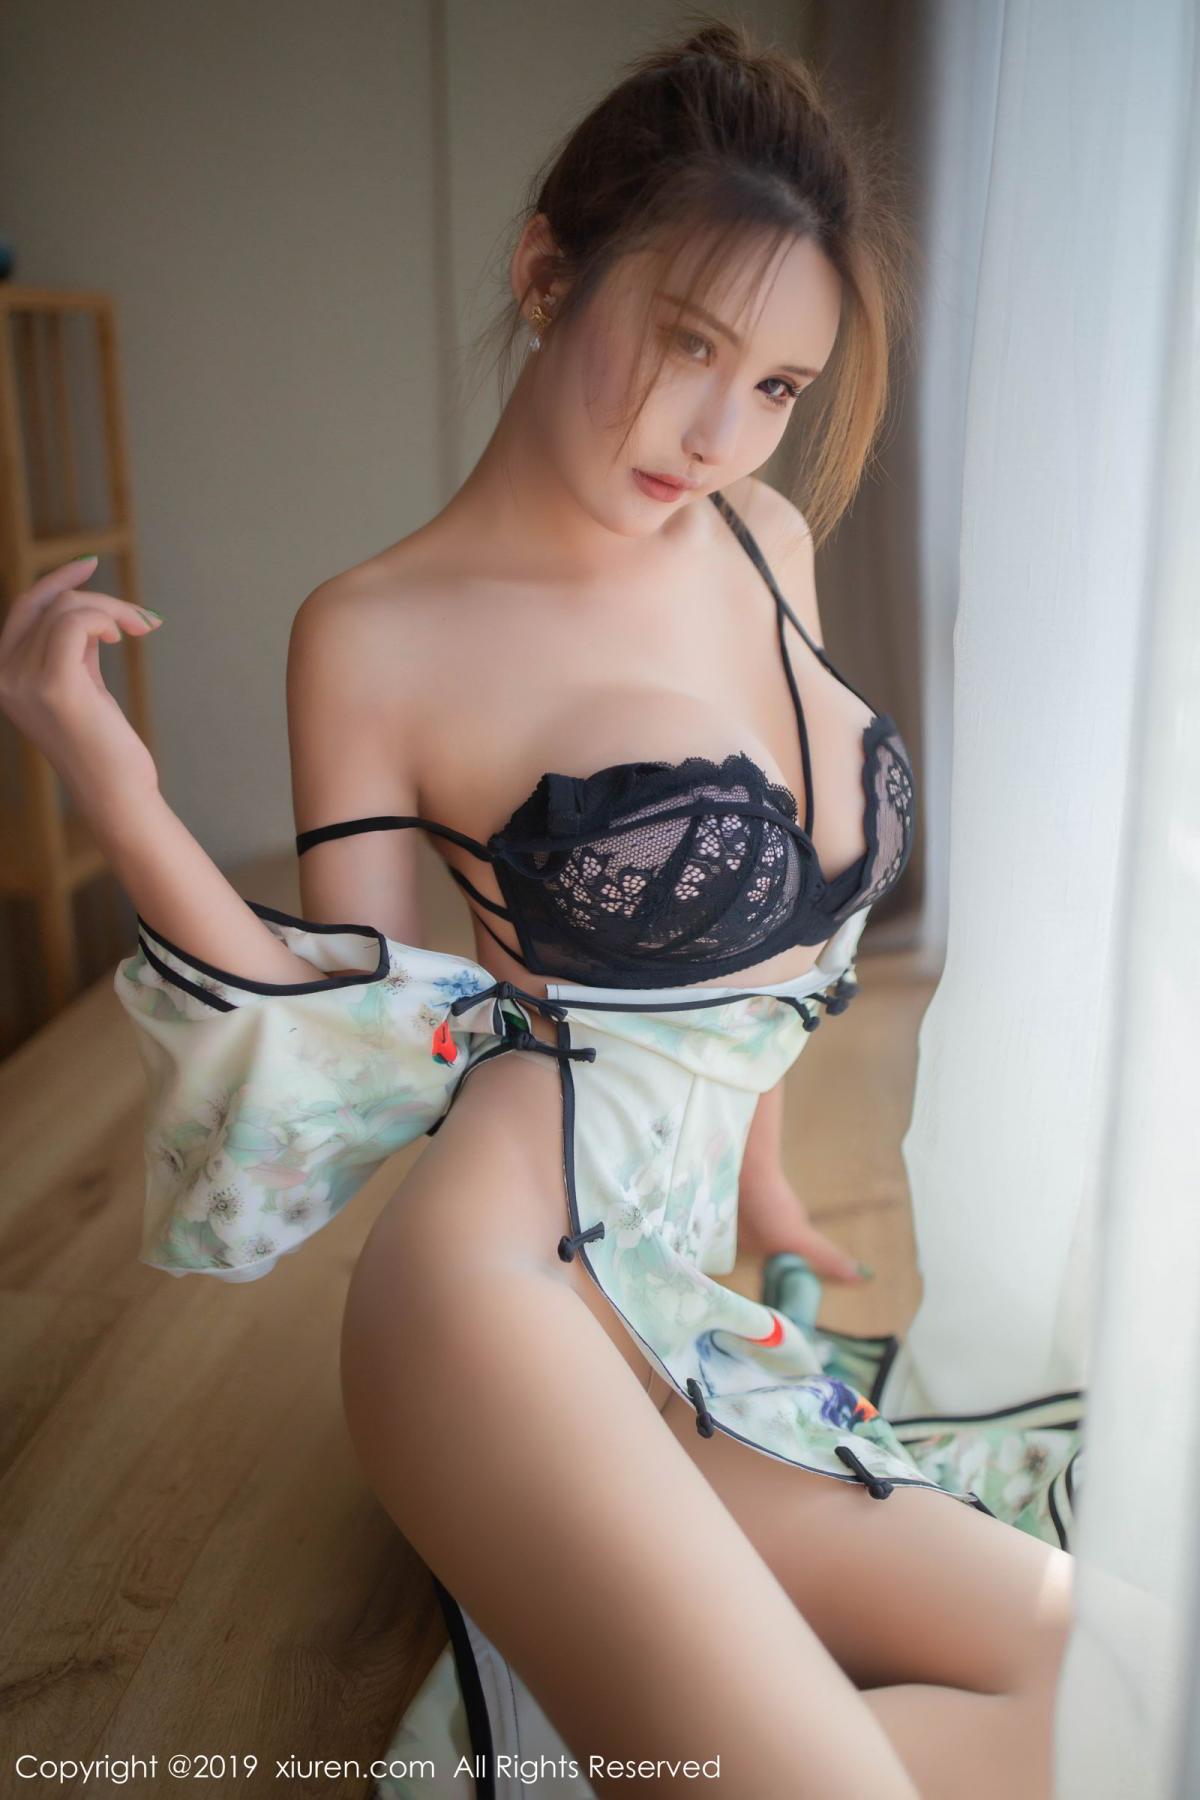 [XiuRen] Vol.1542 Solo Yi Fei 33P, Cheongsam, Solo Yi Fei, Tall, Underwear, Xiuren